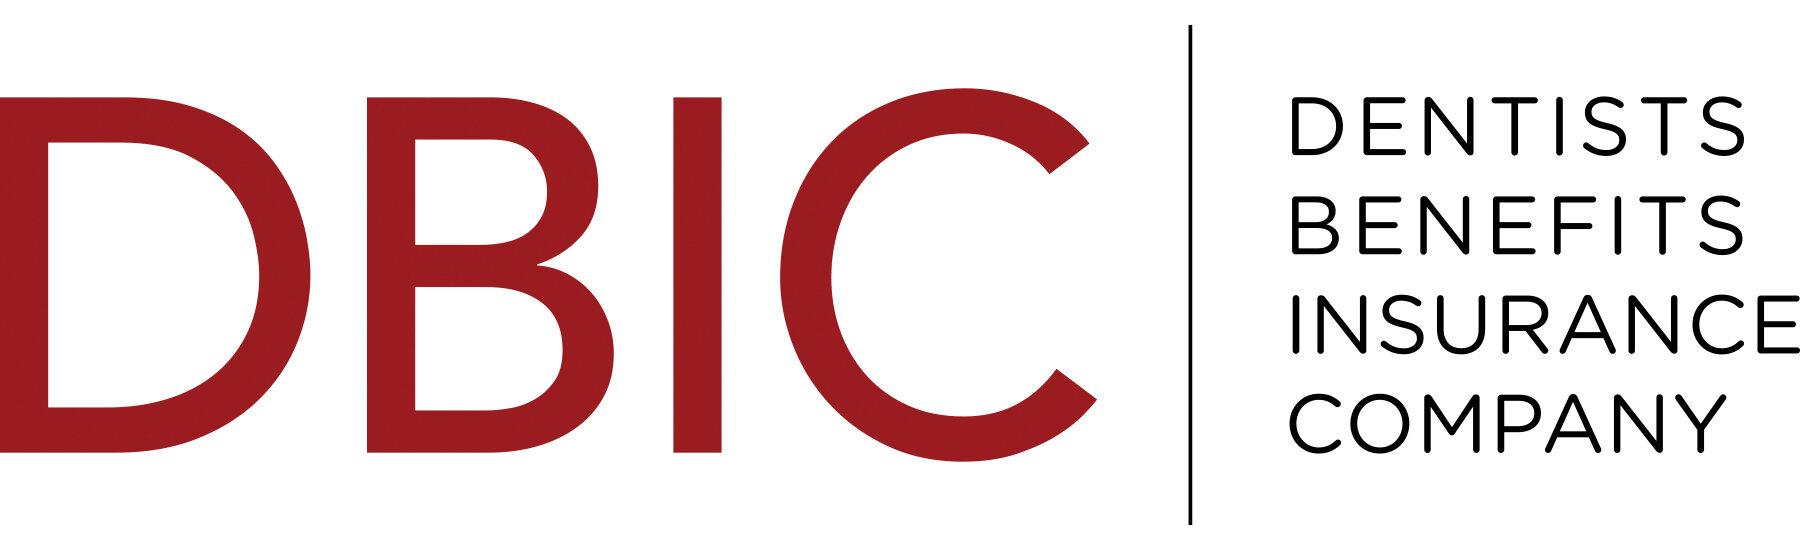 dbic_logo_2016_web.jpg